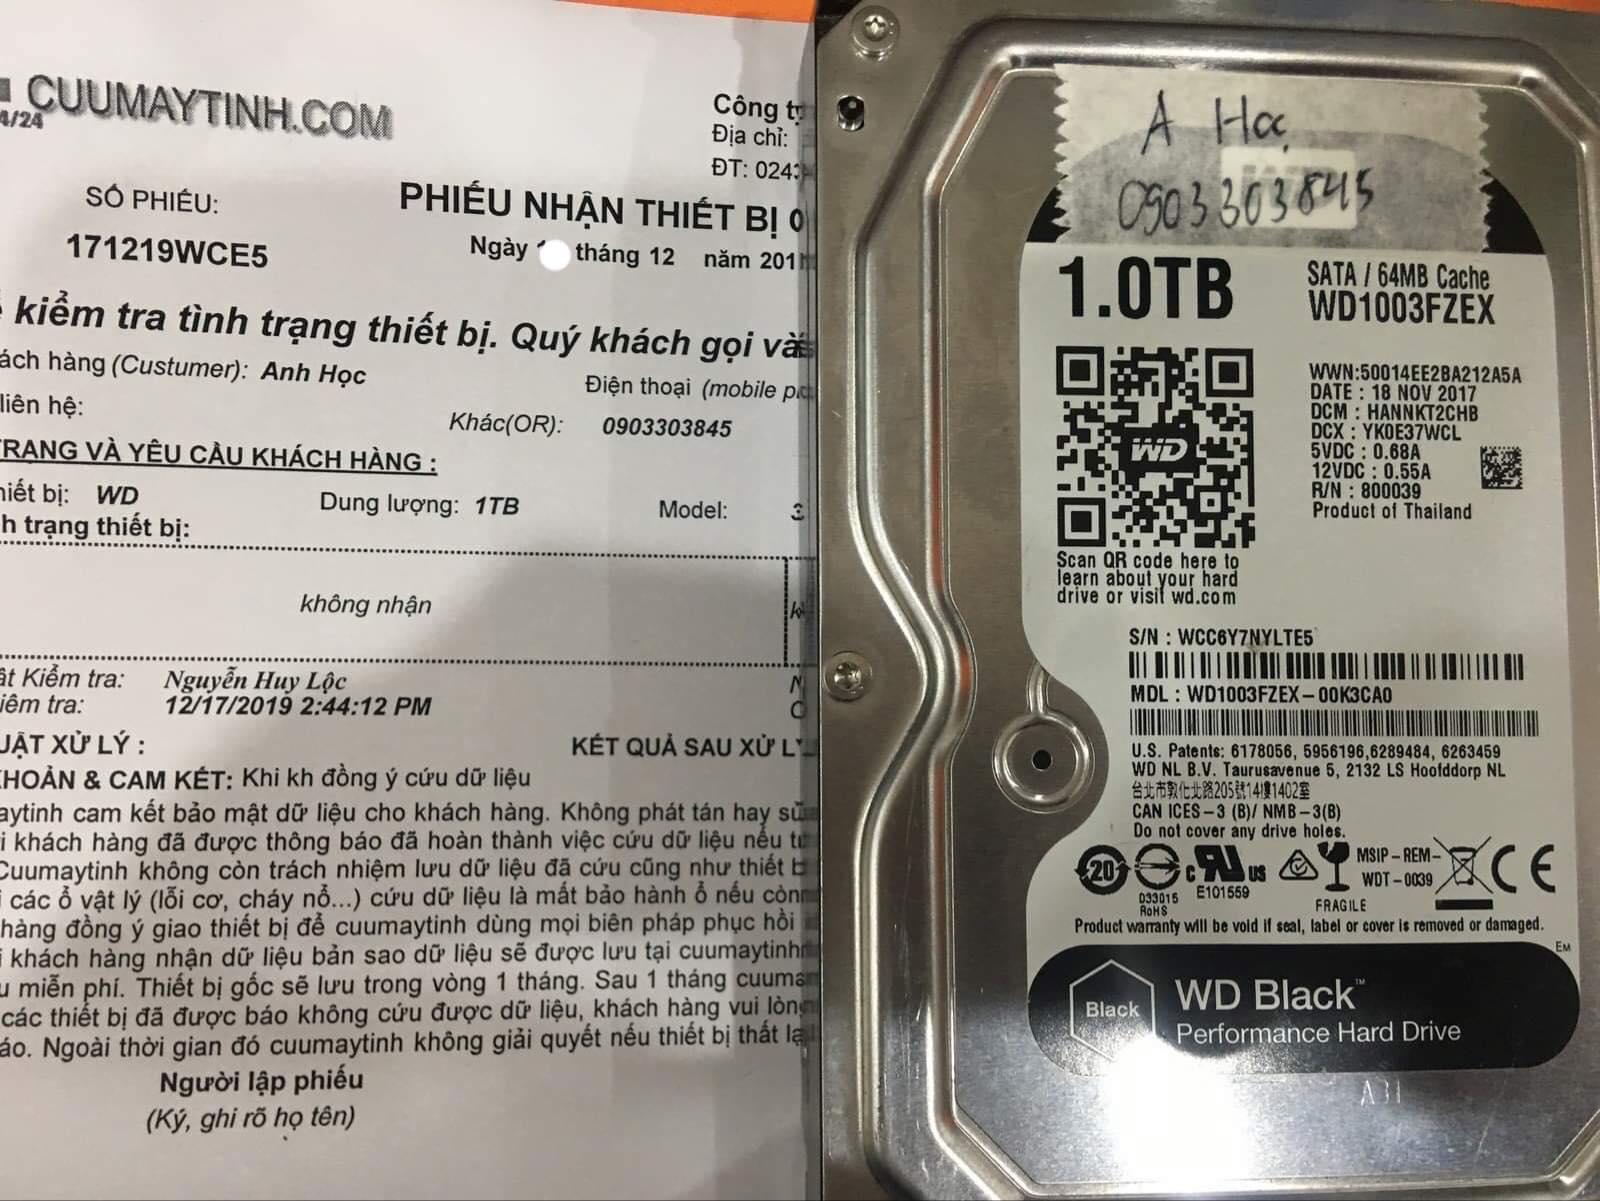 Phục hồi dữ liệu ổ cứng Western 1TB không nhận 19/12/2019 - cuumaytinh